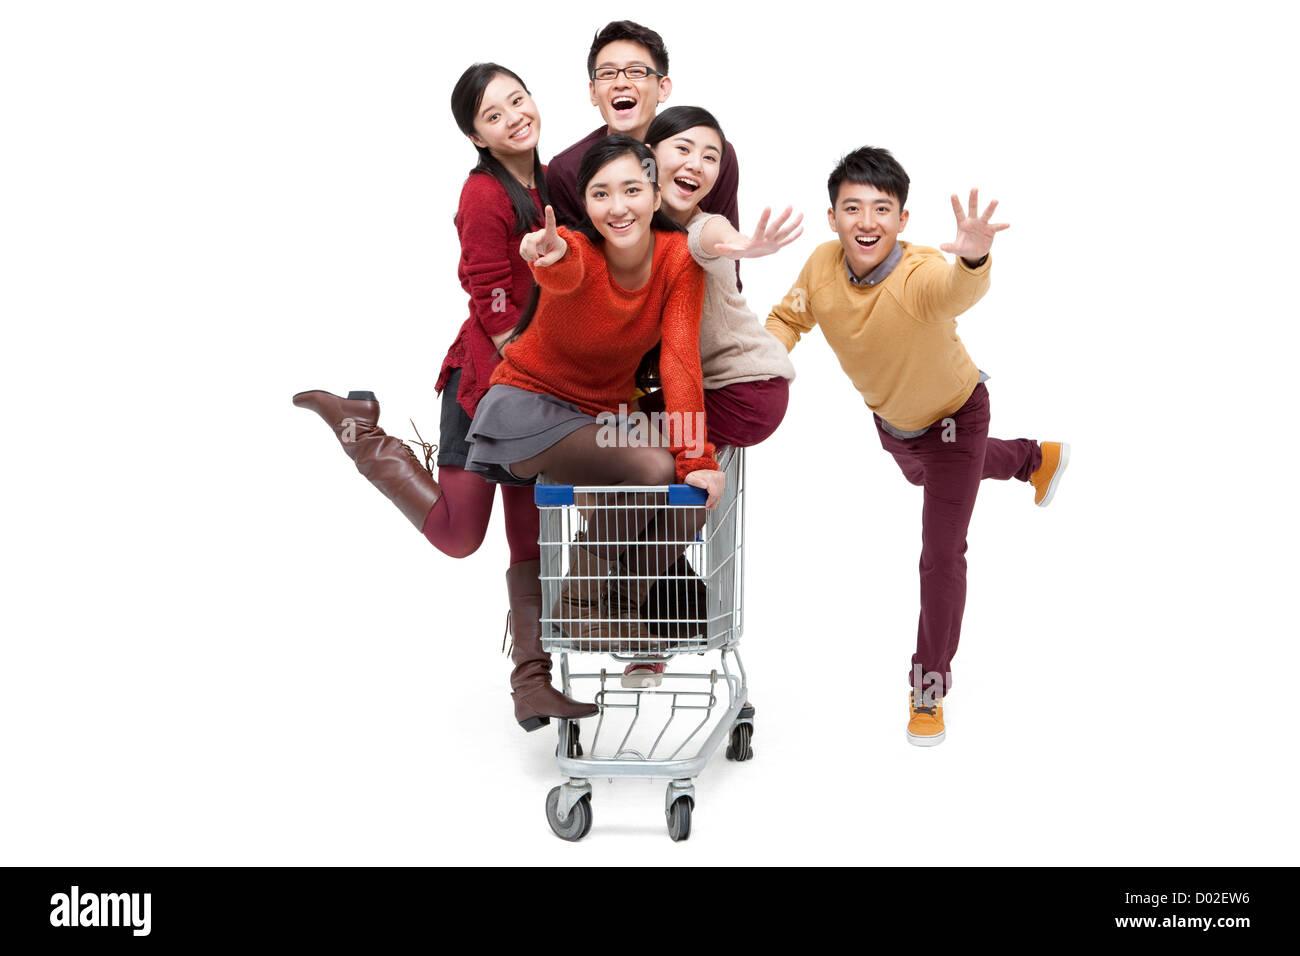 Begeistert junge Freunde mit Einkaufswagen in Chinese New Year ...